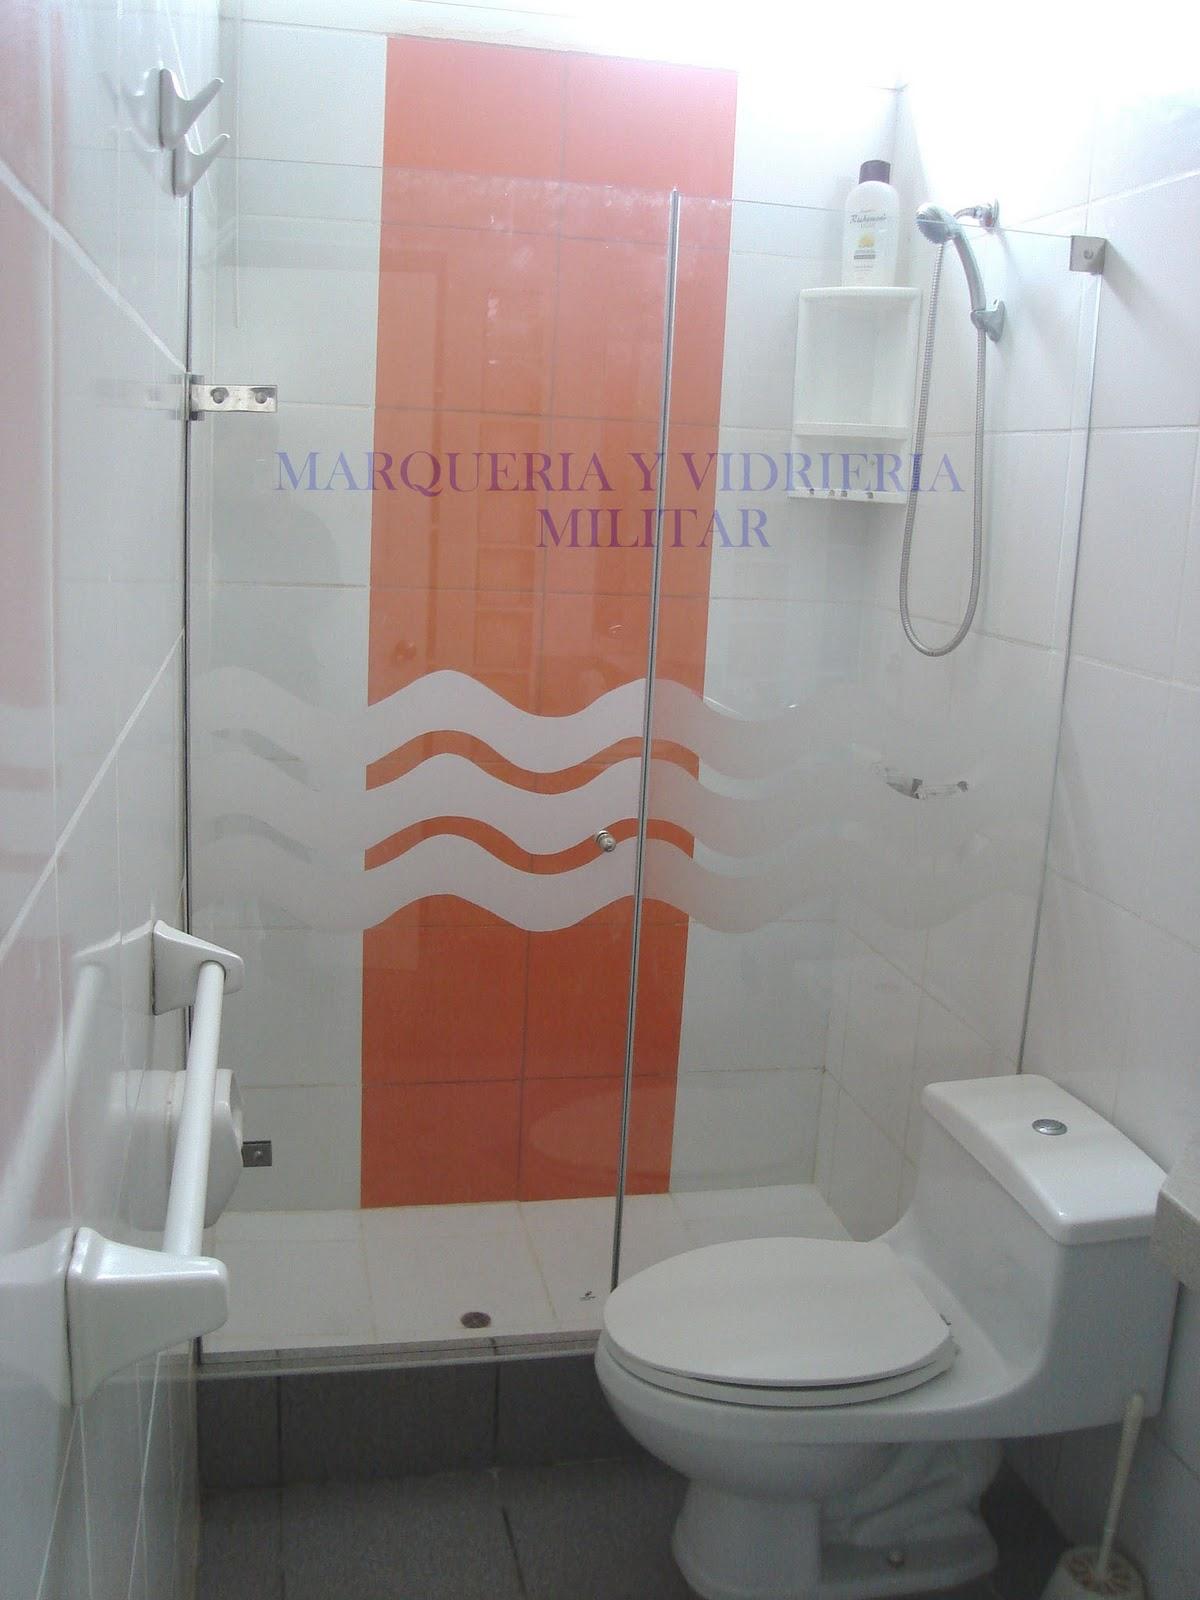 Secci n vidrier a puertas para ducha for Disenos de puertas de vidrio